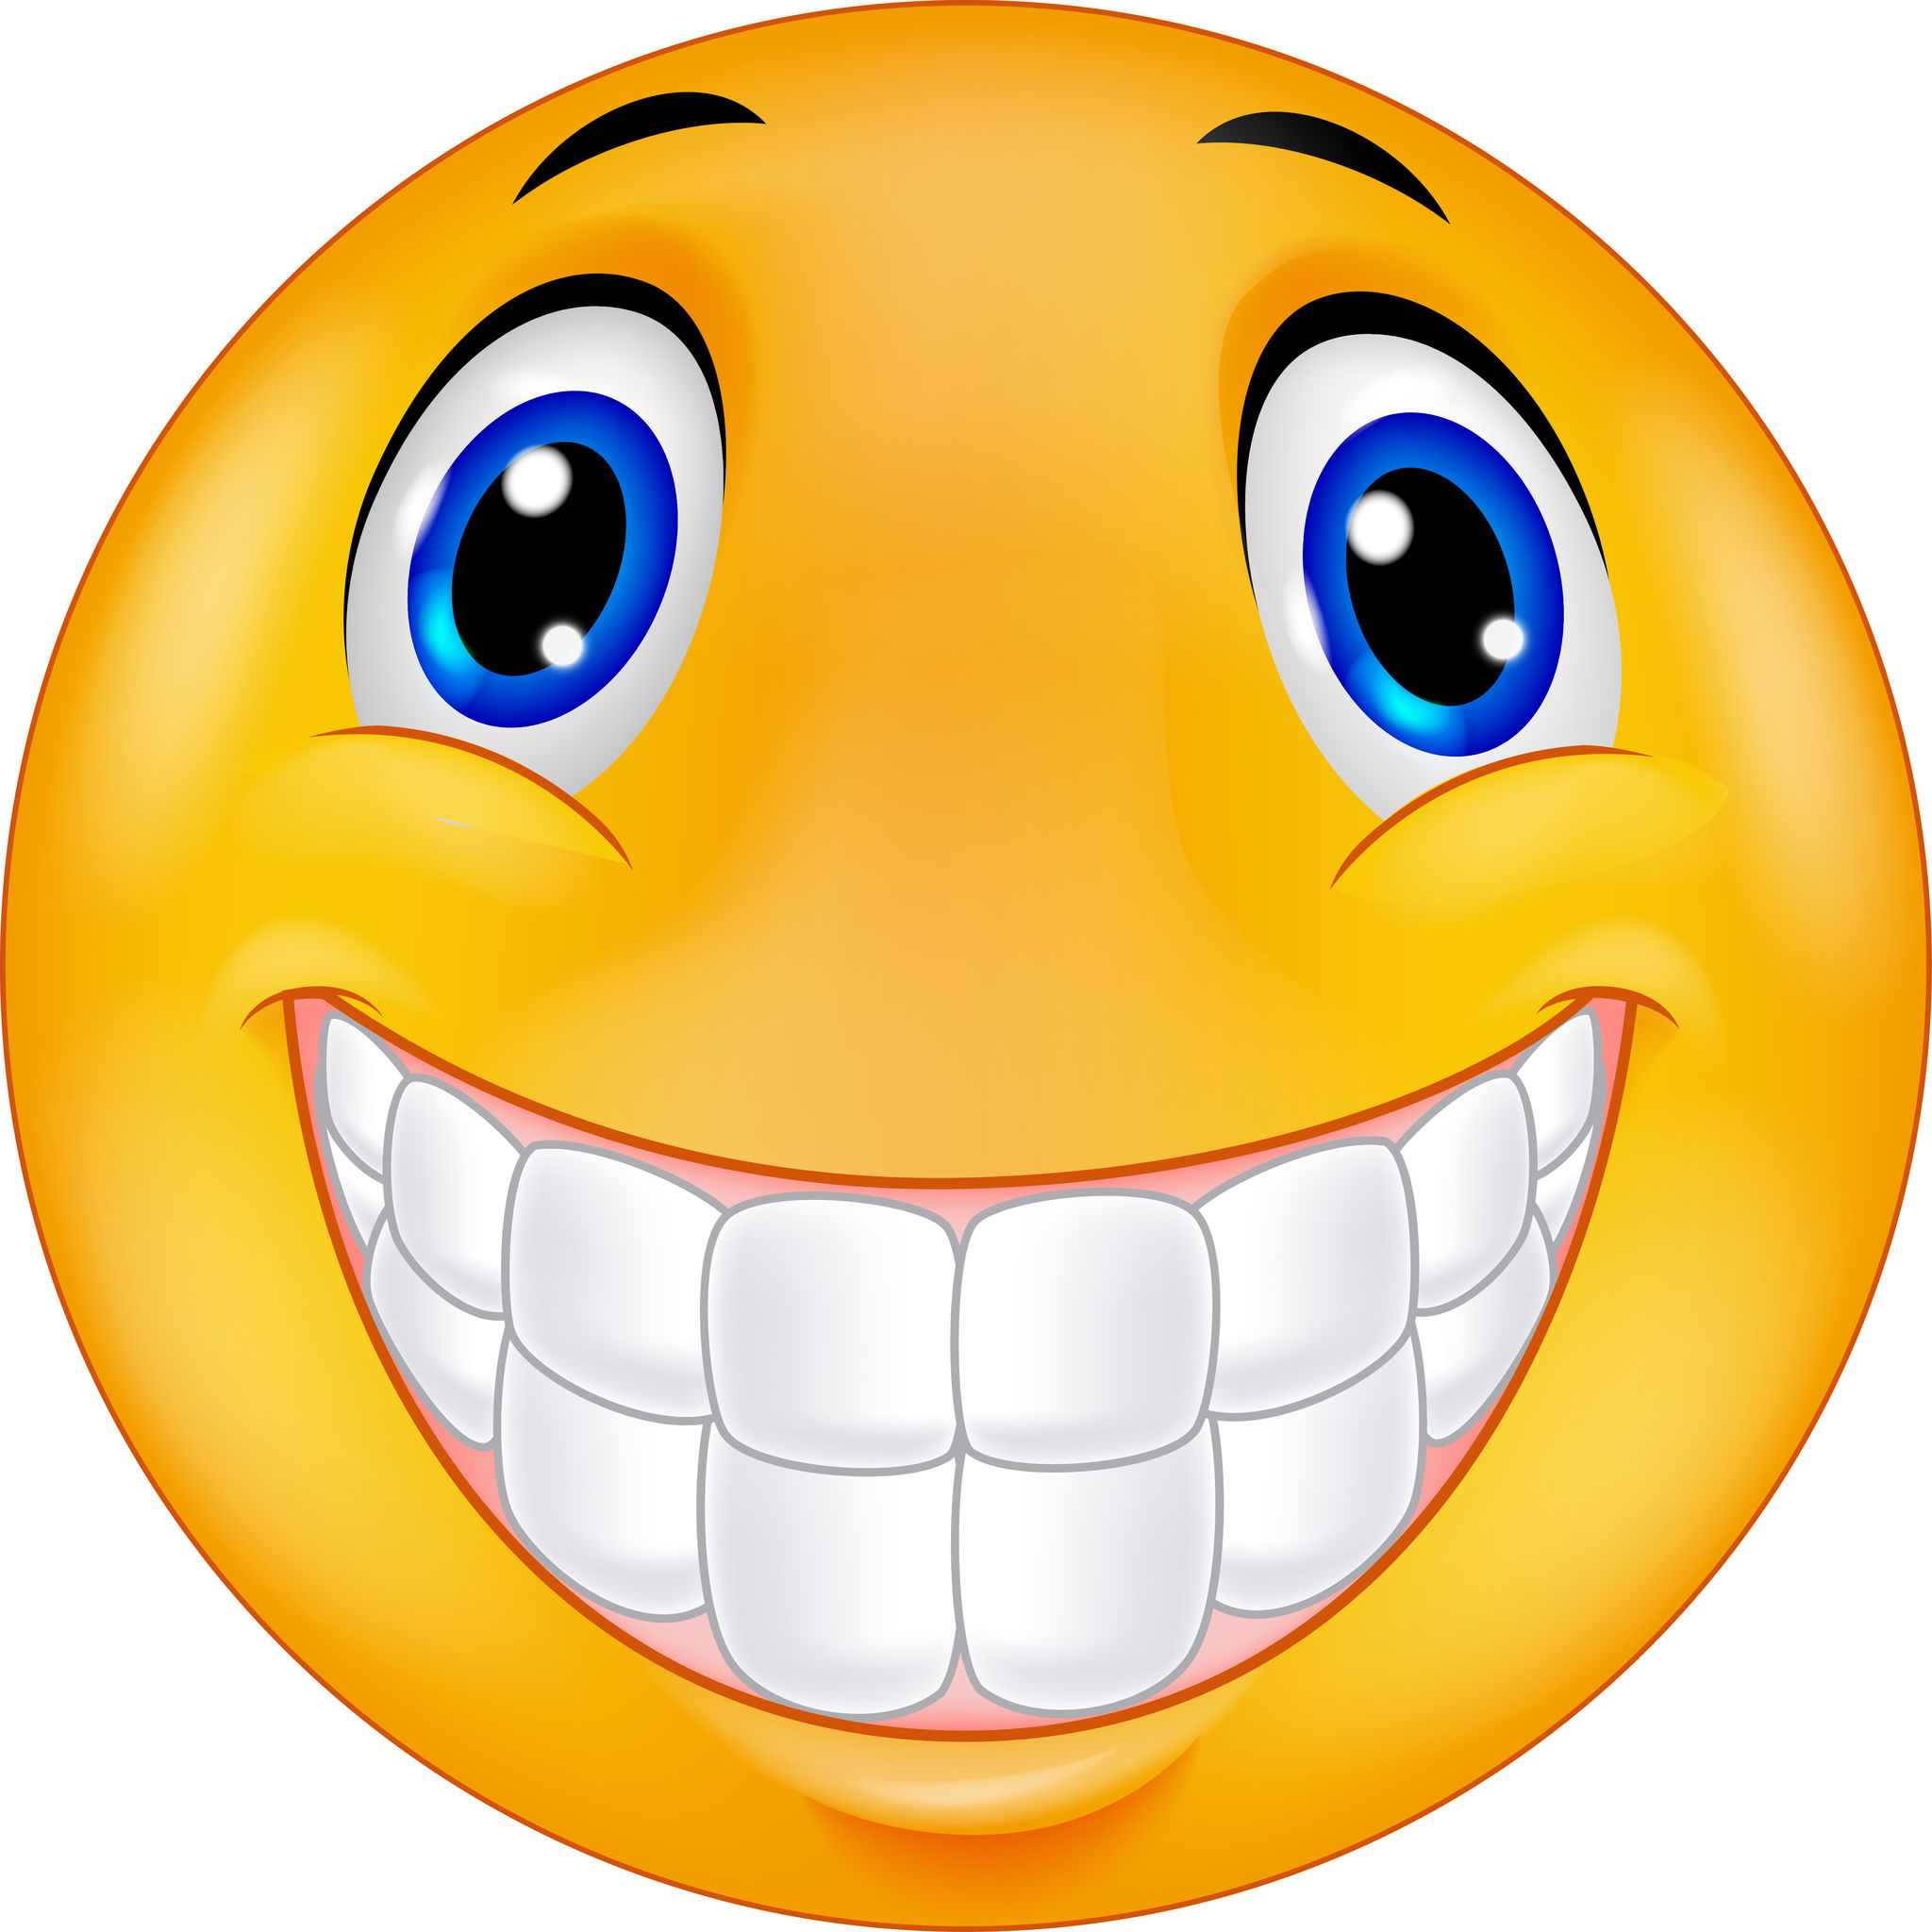 35858631 – happy smiley face cartoon